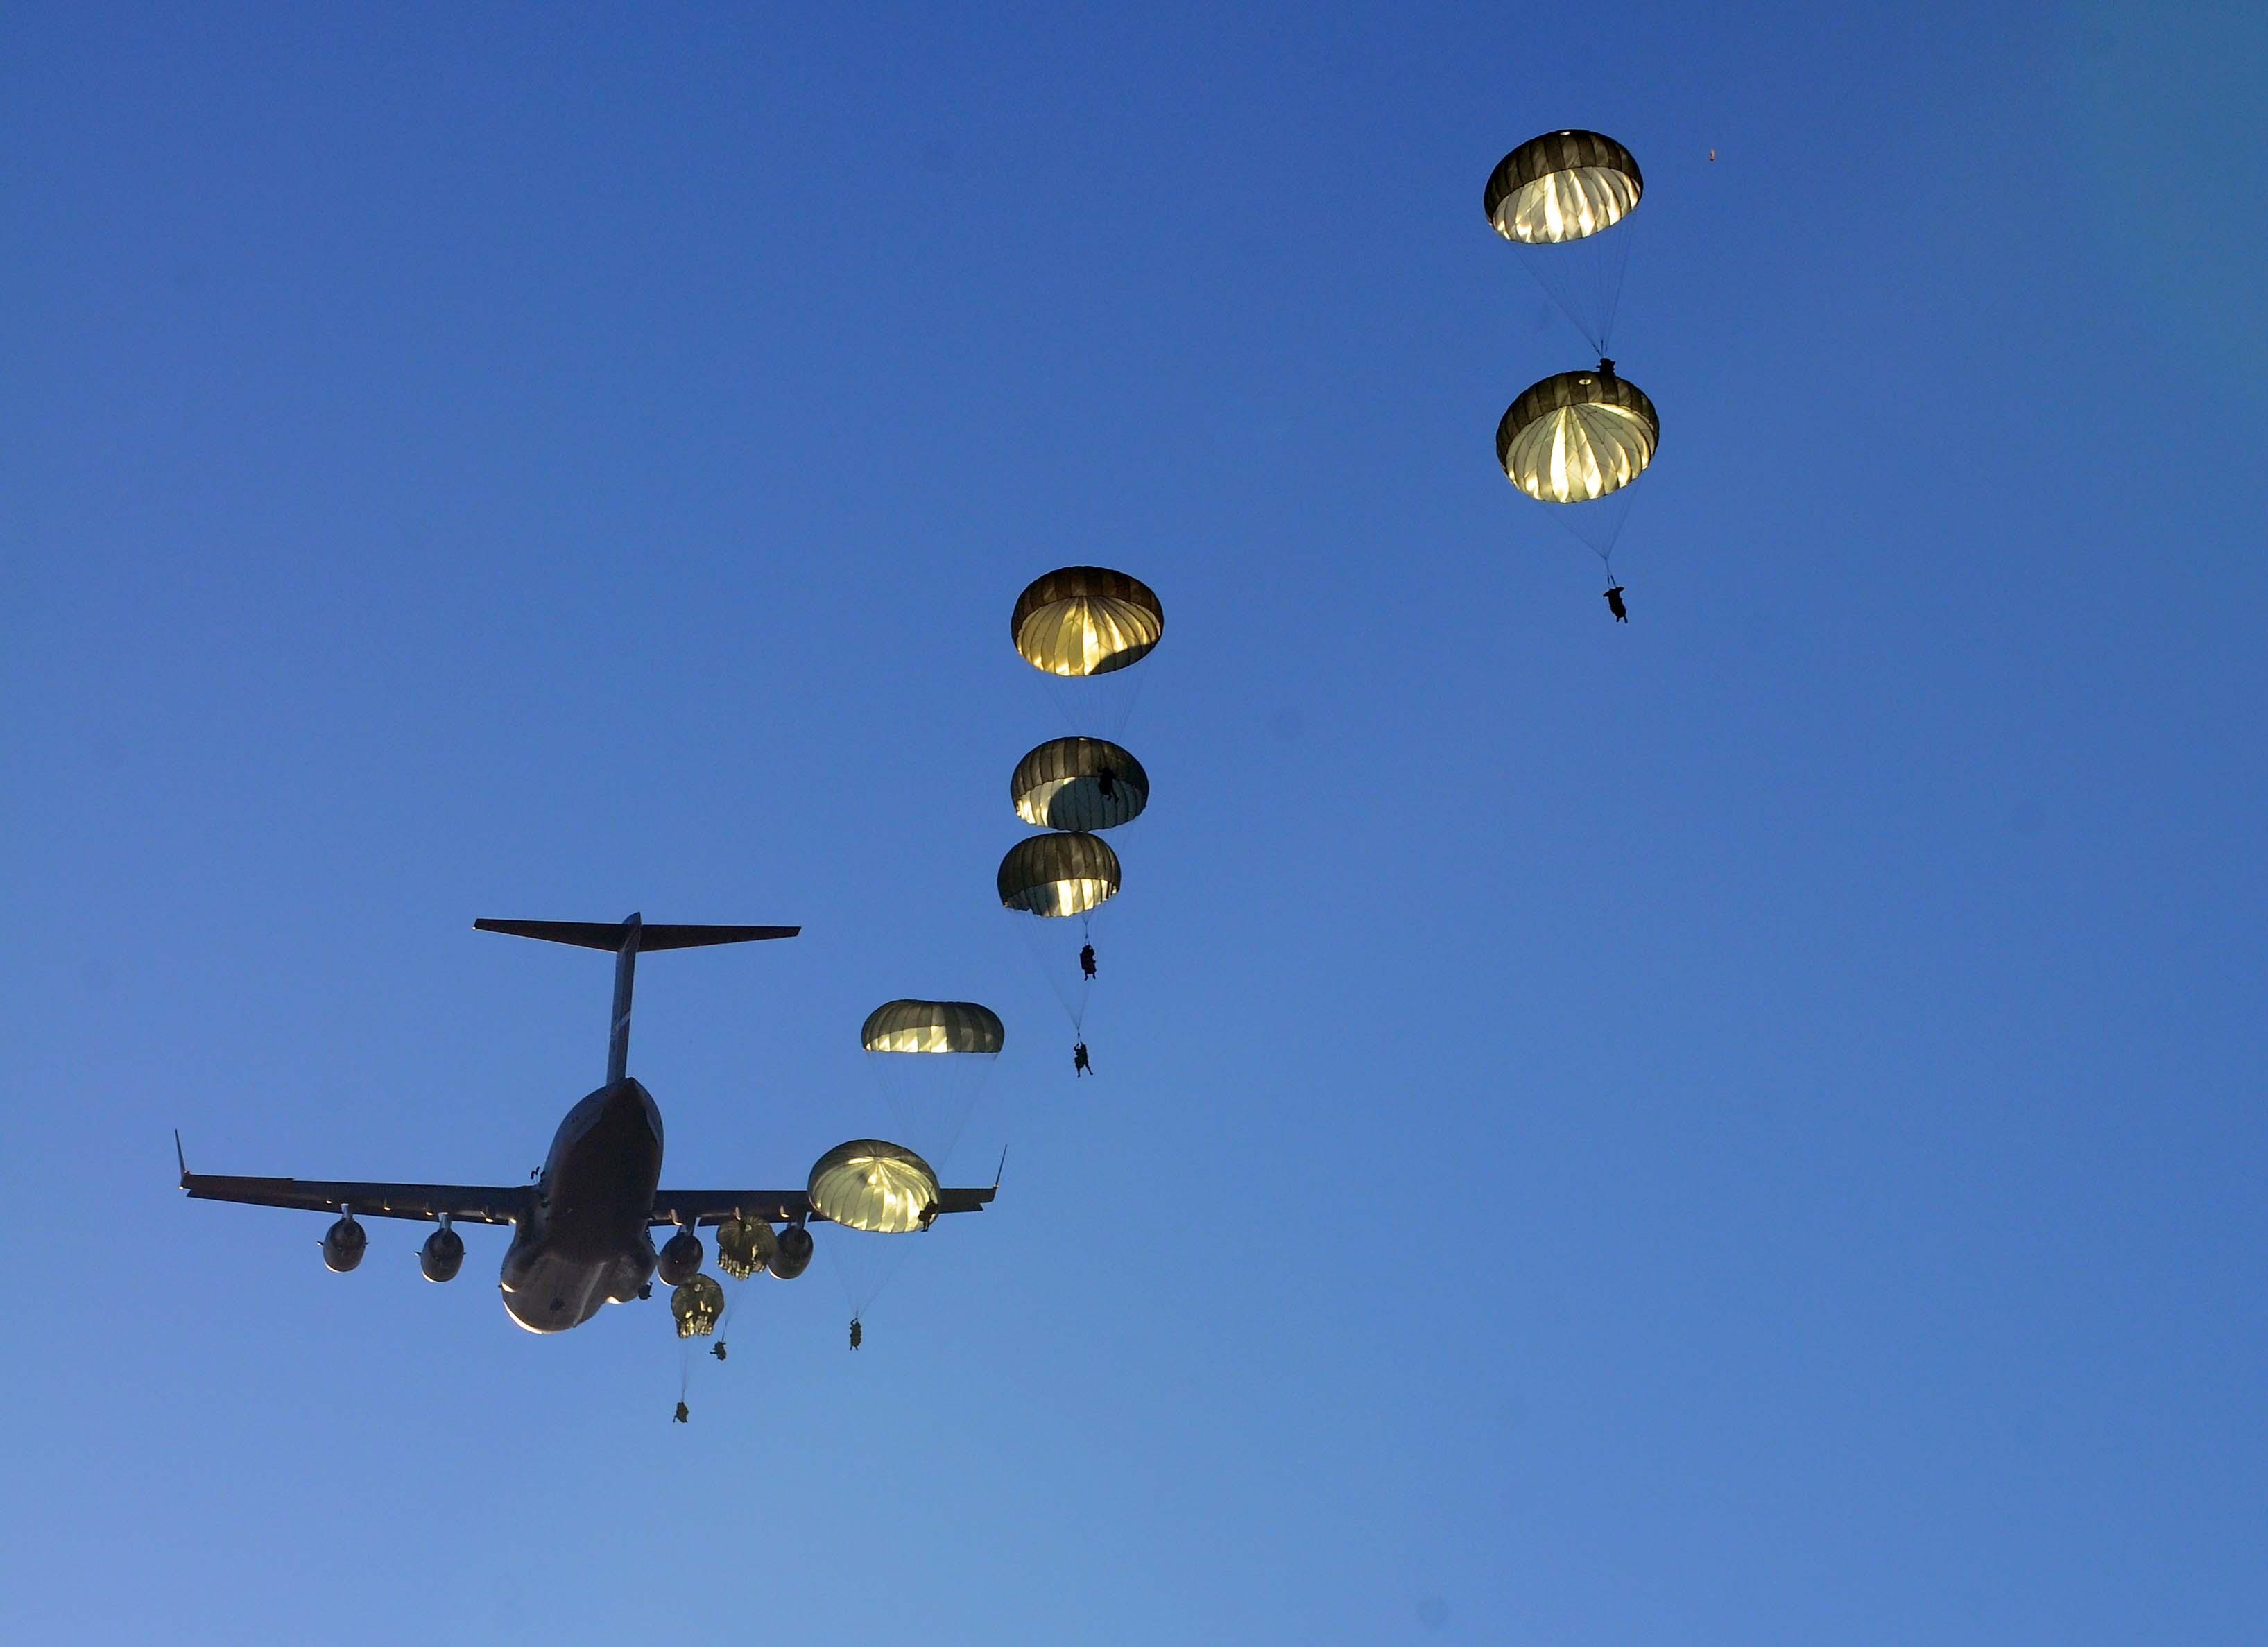 us army airborne wallpaper wallpapersafari army ranger logo b&w army ranger logo images